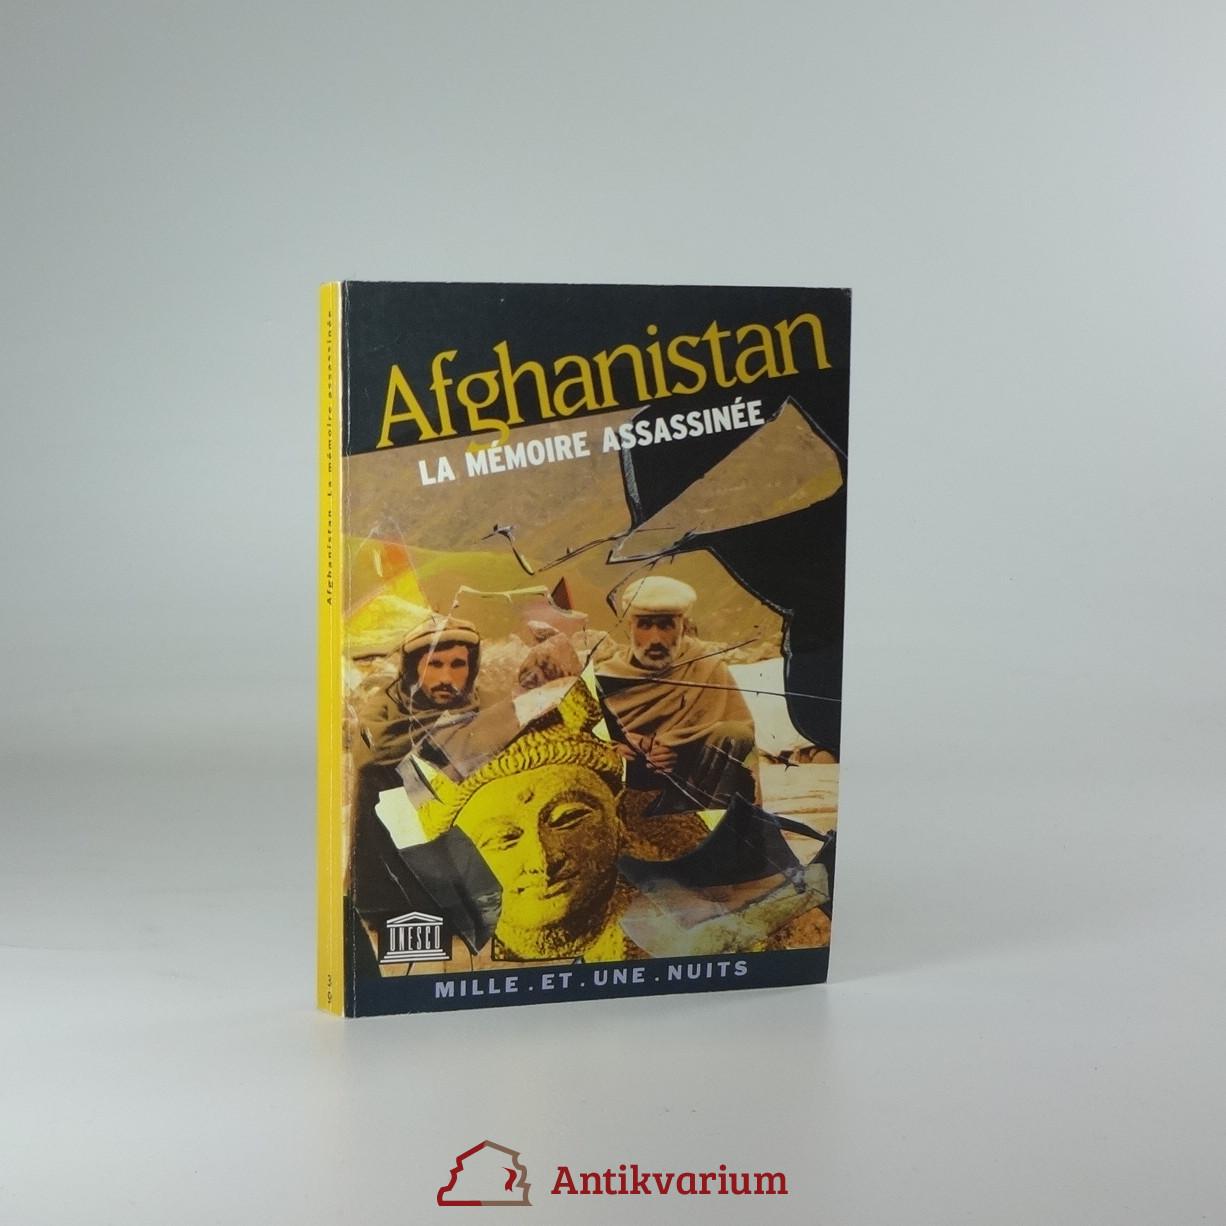 antikvární kniha Afganistan - la mémoire assassinée, 2001